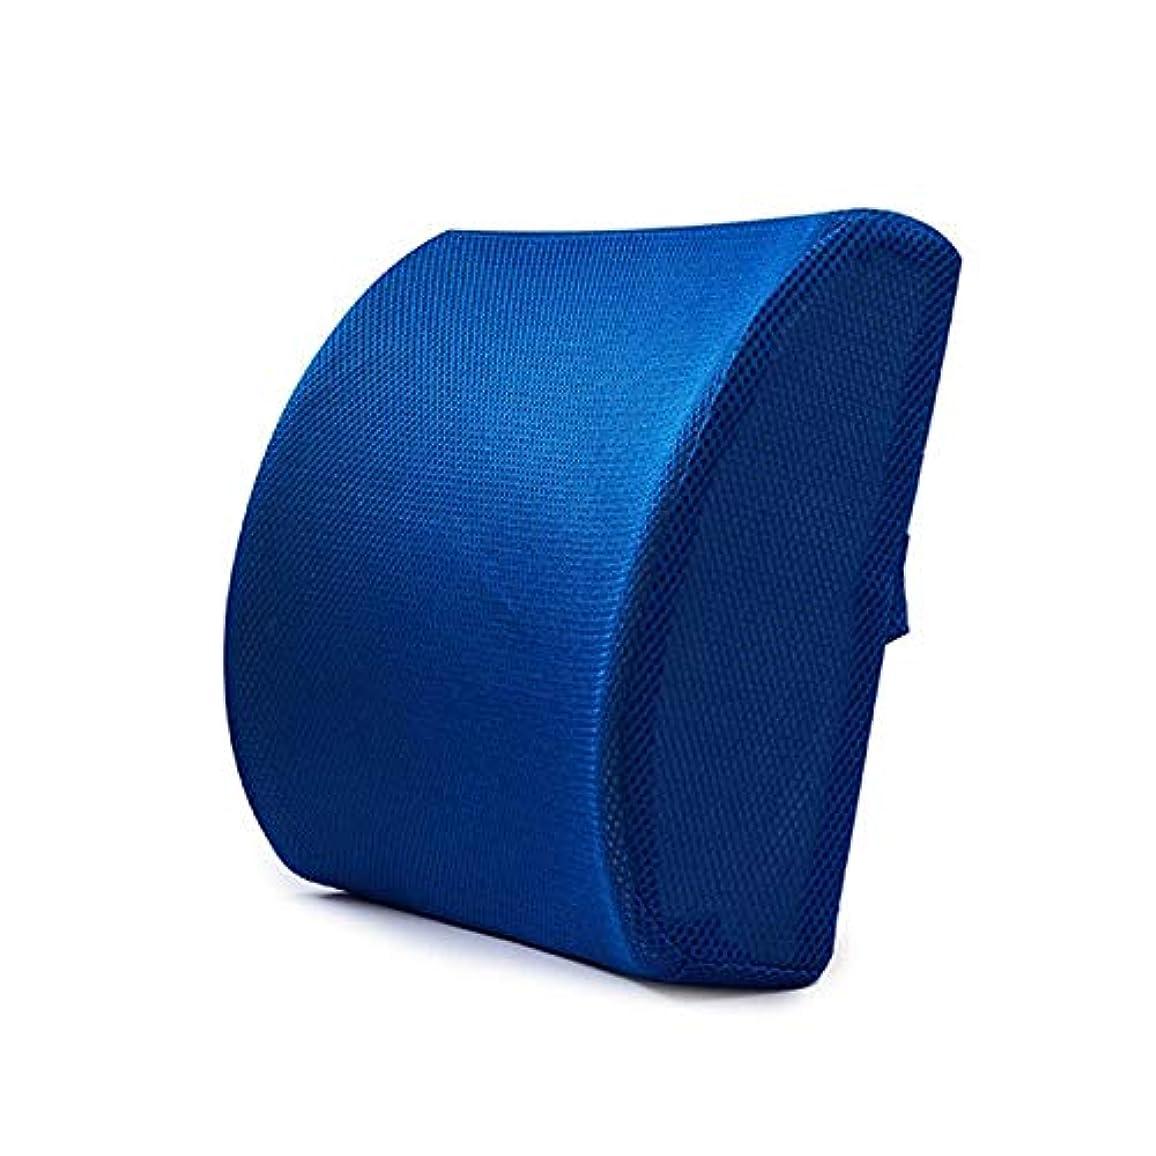 ジャグリング凶暴な細分化するLIFE ホームオフィス背もたれ椅子腰椎クッションカーシートネック枕 3D 低反発サポートバックマッサージウエストレスリビング枕 クッション 椅子